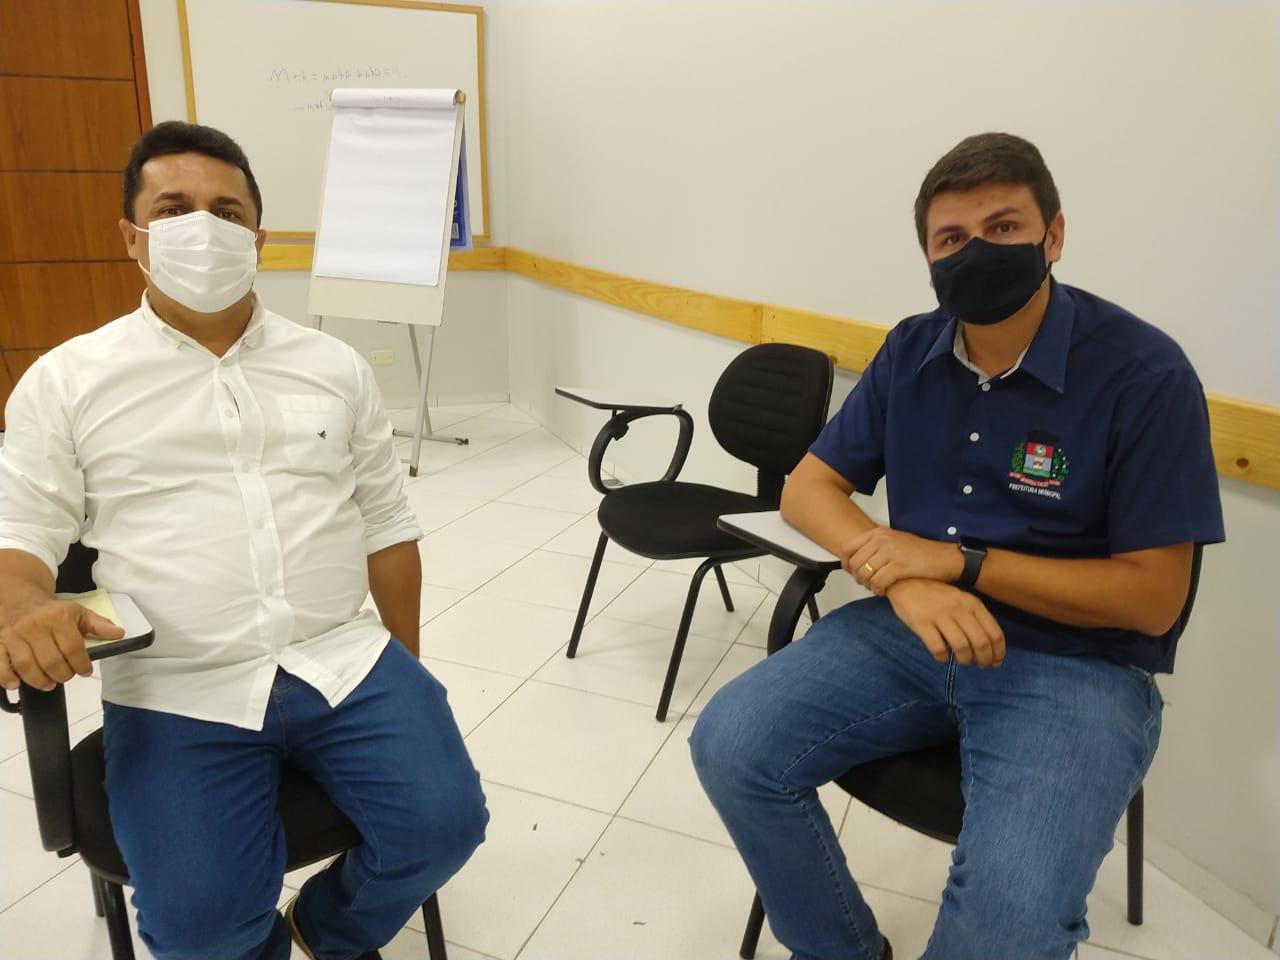 Noticia Destaque Presidente e Vice irão integrar diretoria do Samu Noroeste